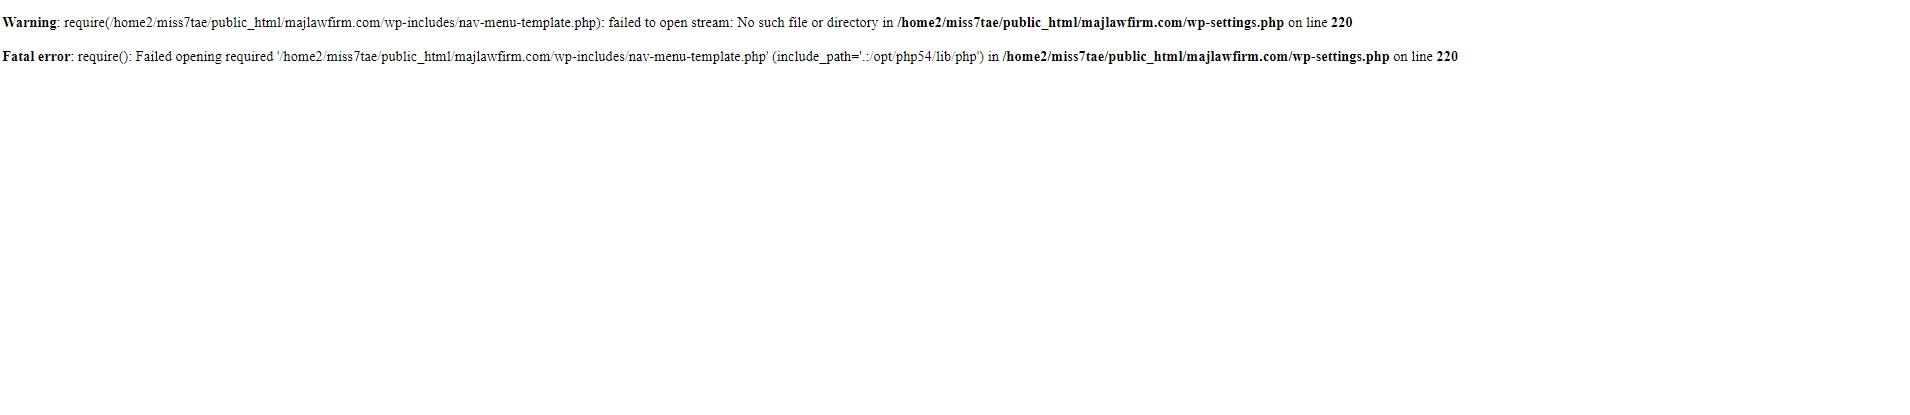 """Remove """"fatal error"""" from 3 Wordpress websites"""